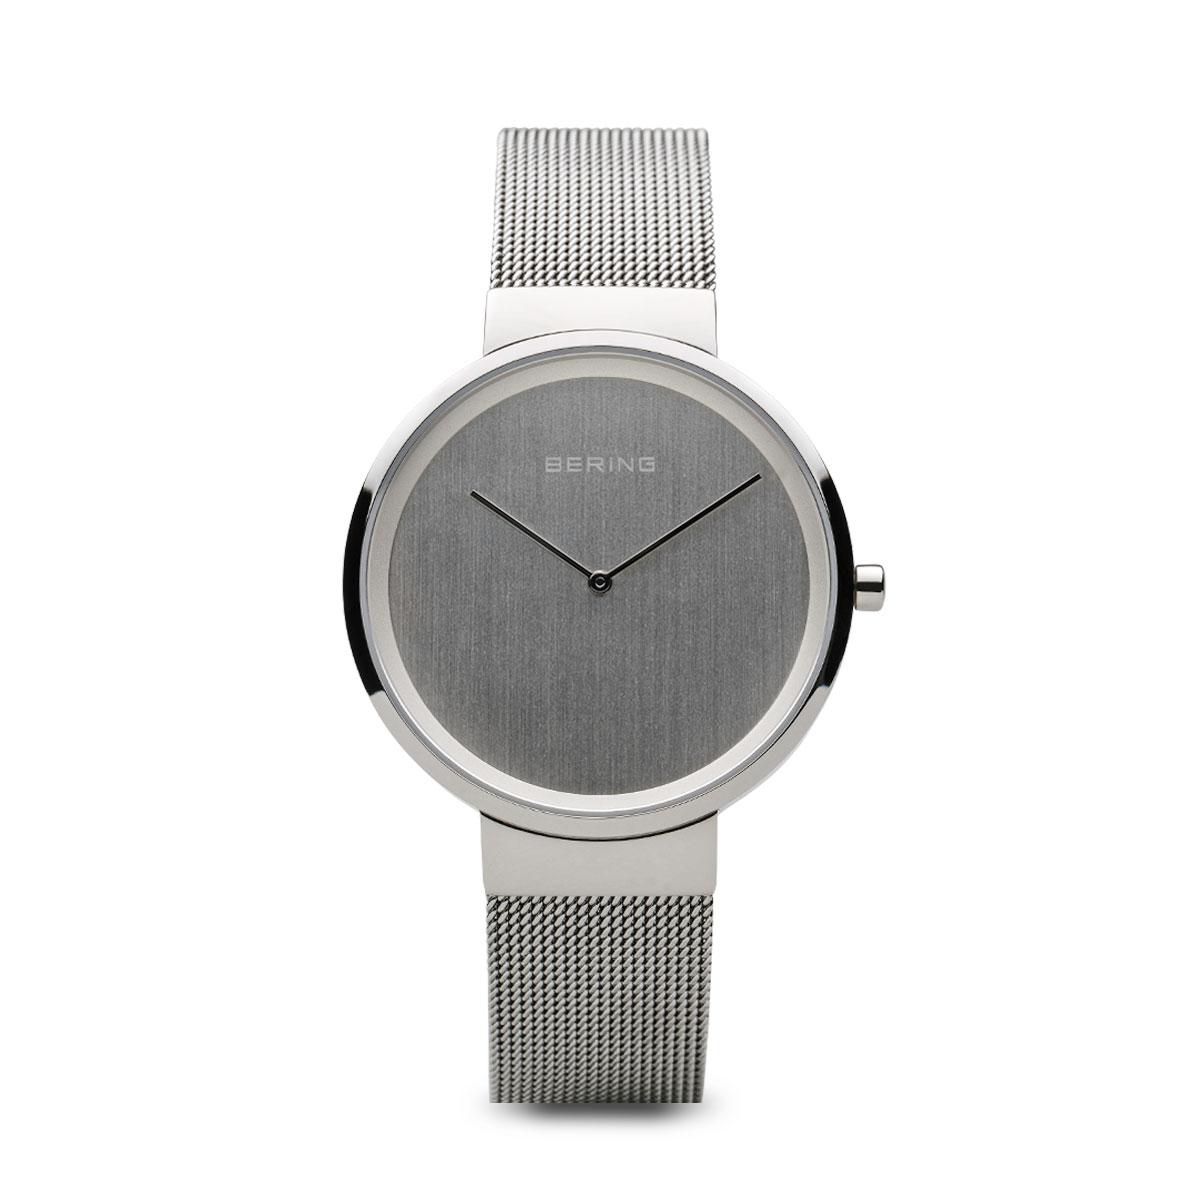 Bering Classic női óra ezüst szíjjal ezüst számlappal - 14531-000 98a7ea2844